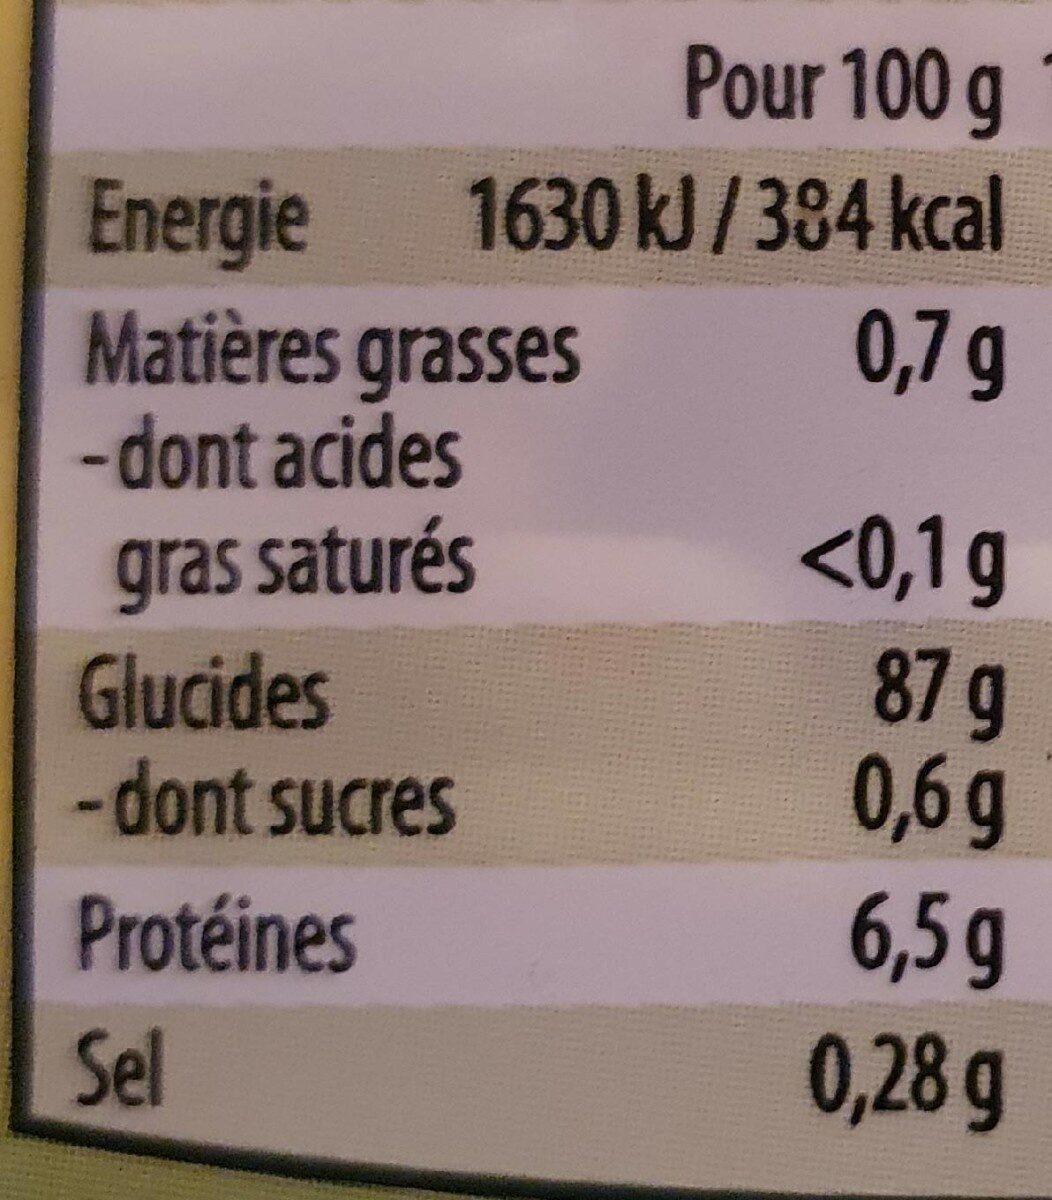 Galettes de mais - Nutrition facts - fr